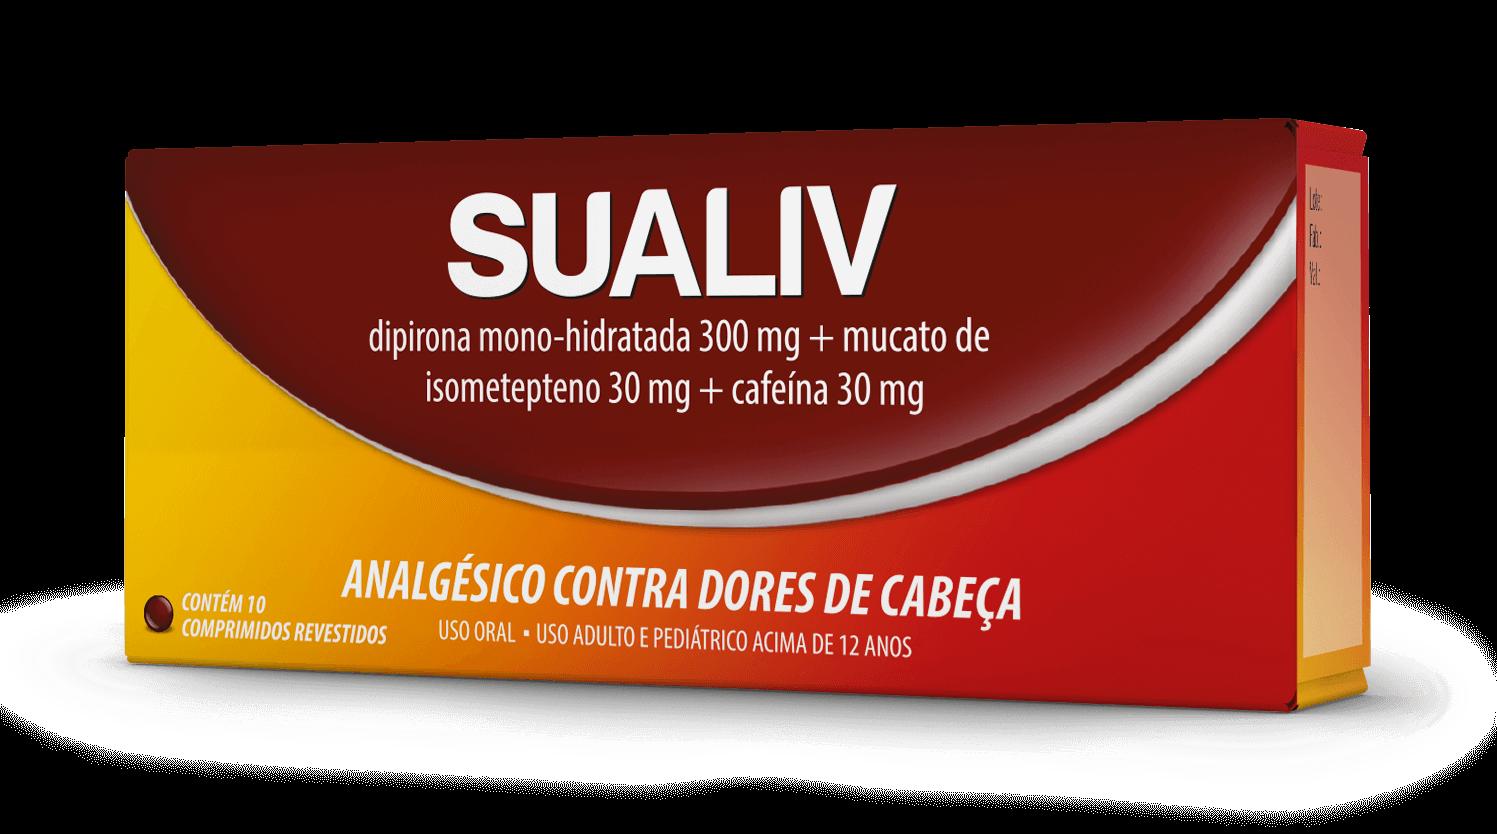 Imagem da embalagem do Sualiv.